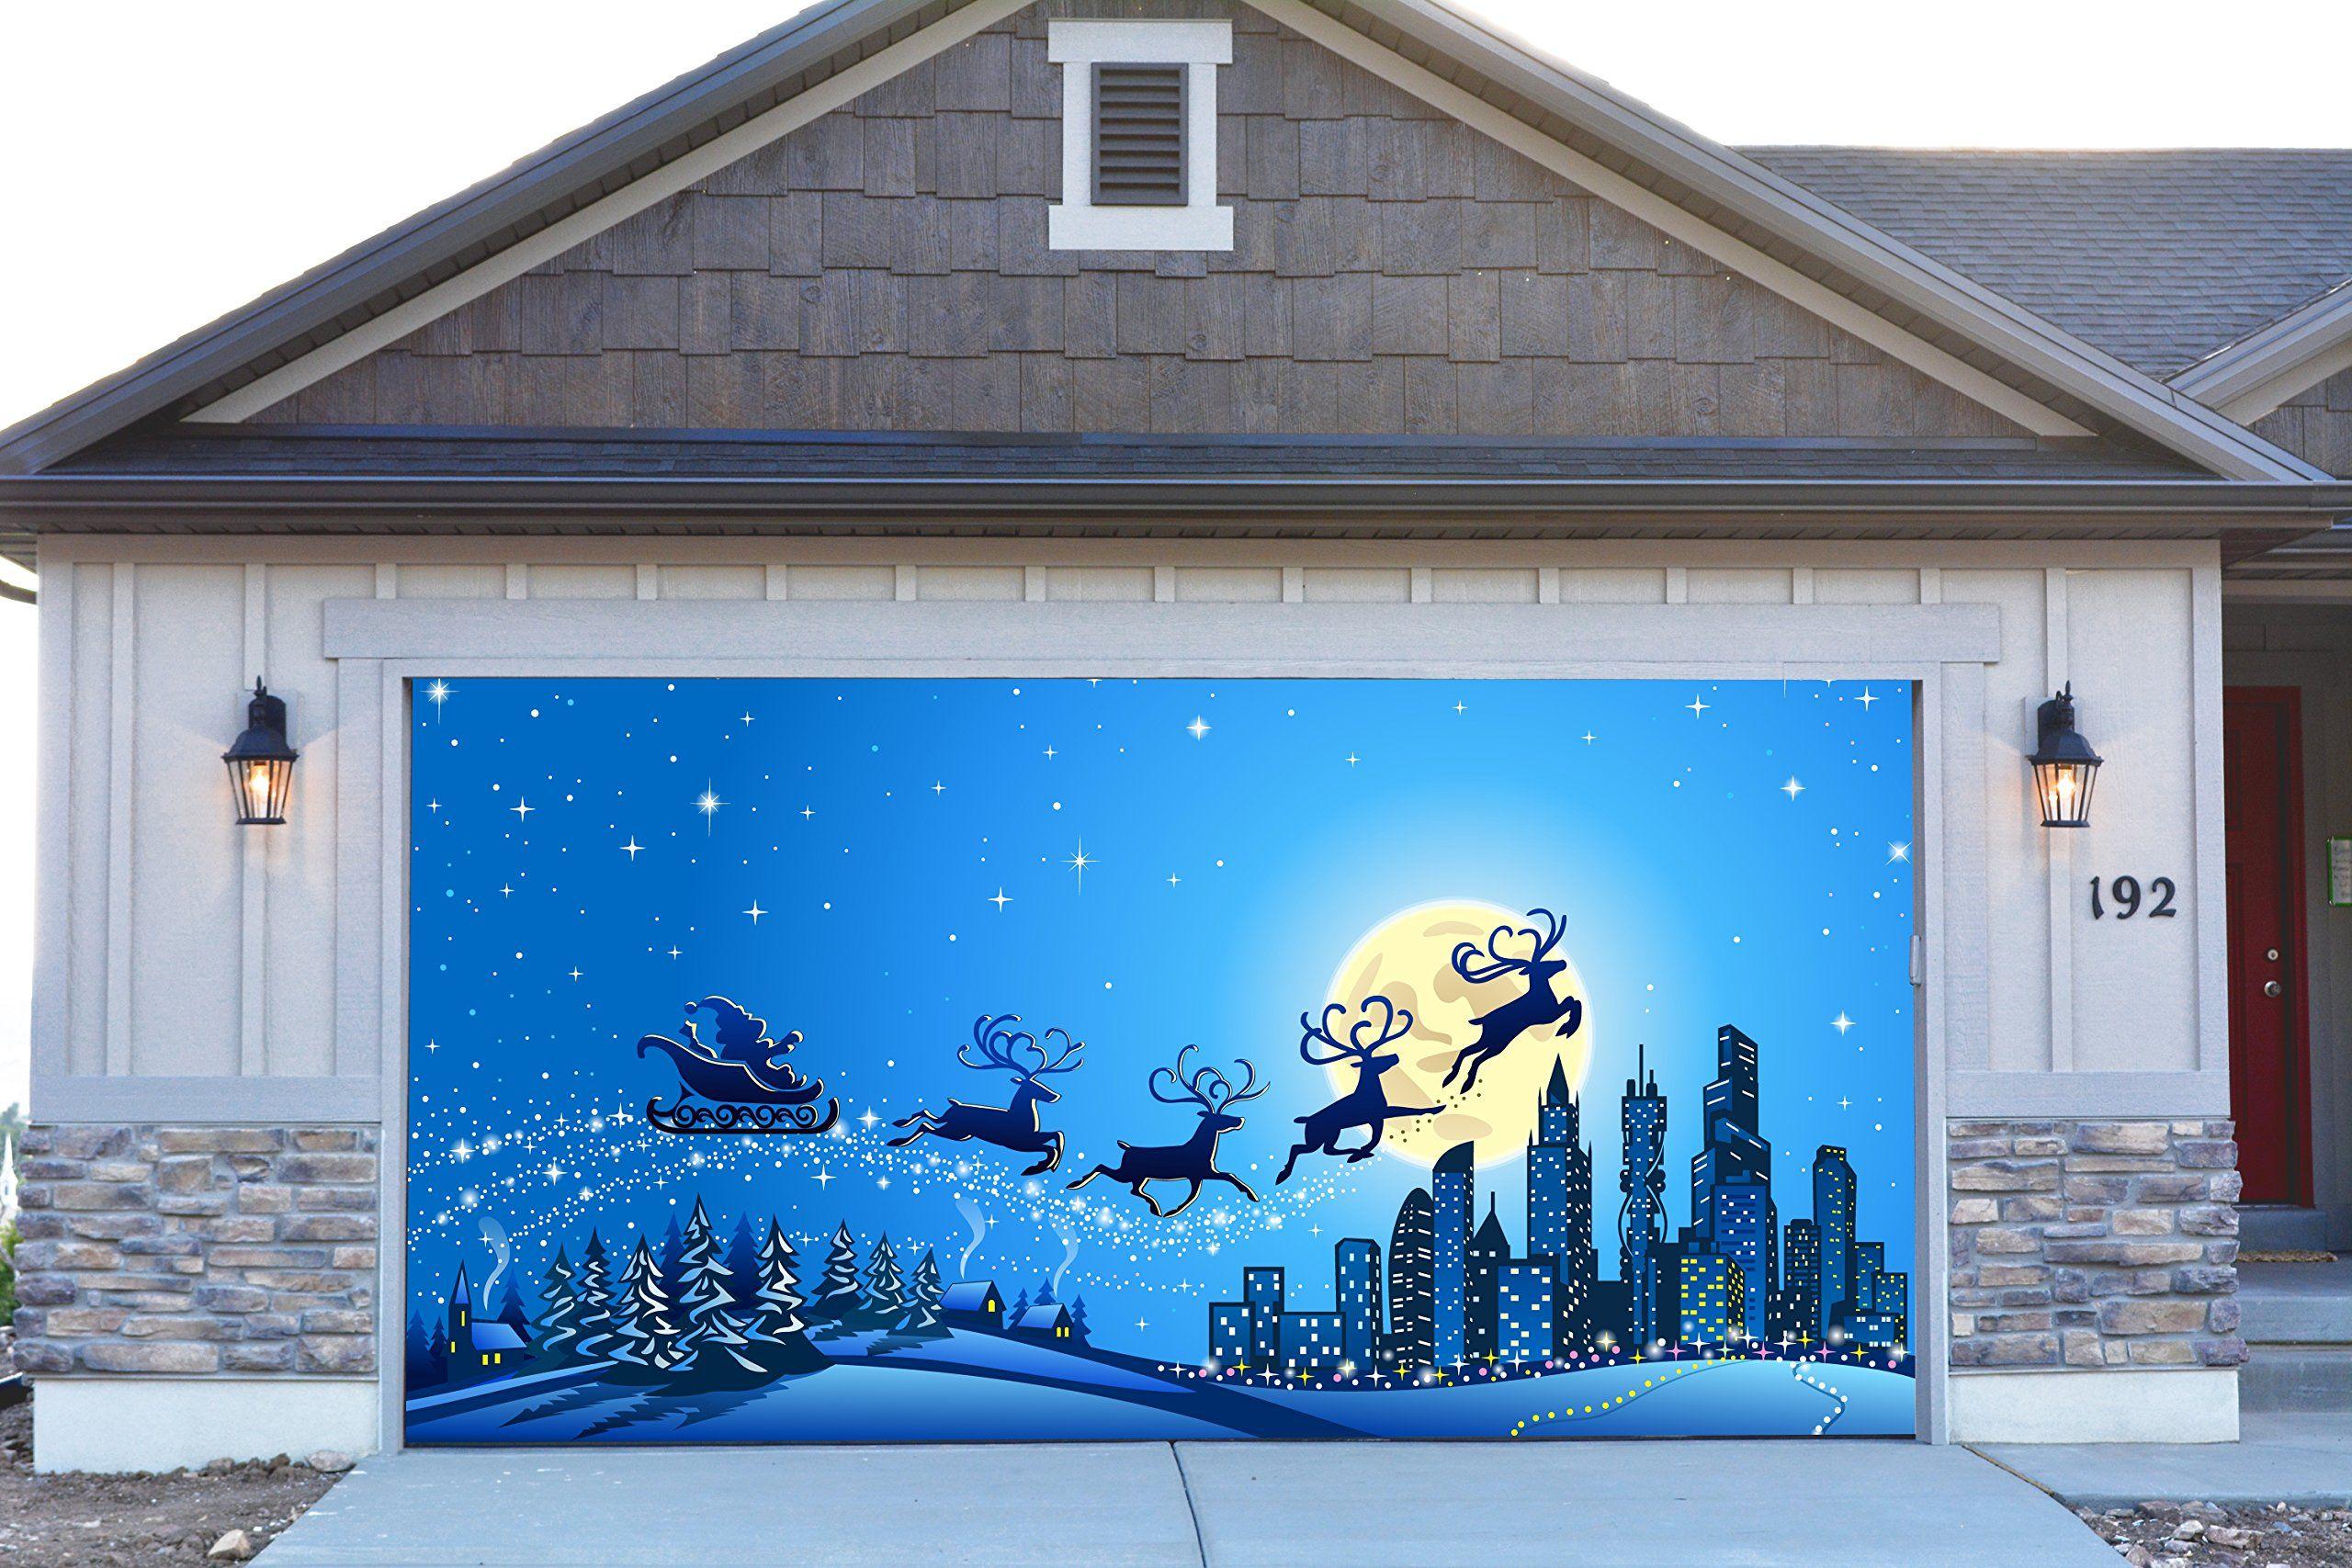 3d Garage Door Covers Christmas Decorations Outdoor Wall